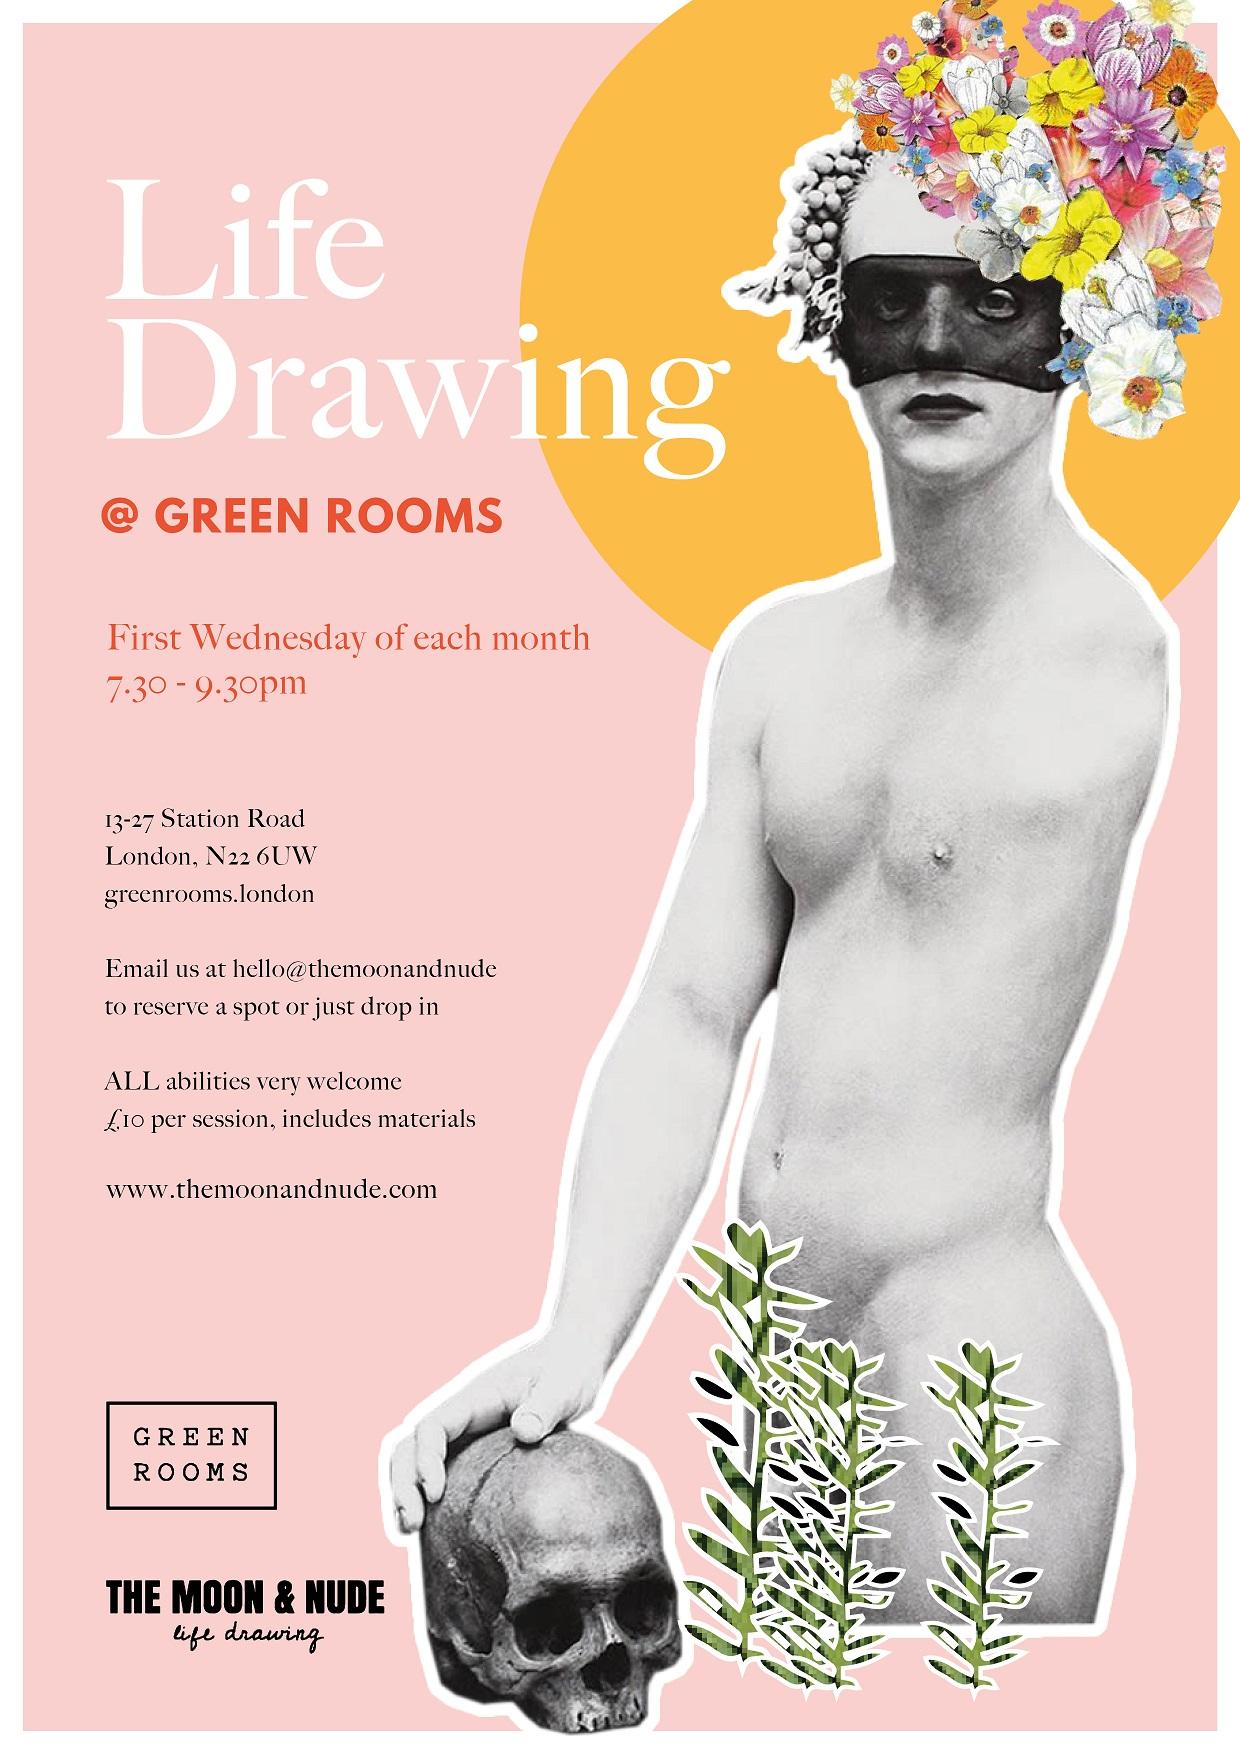 Life drawing at Green Rooms_smaller.jpg